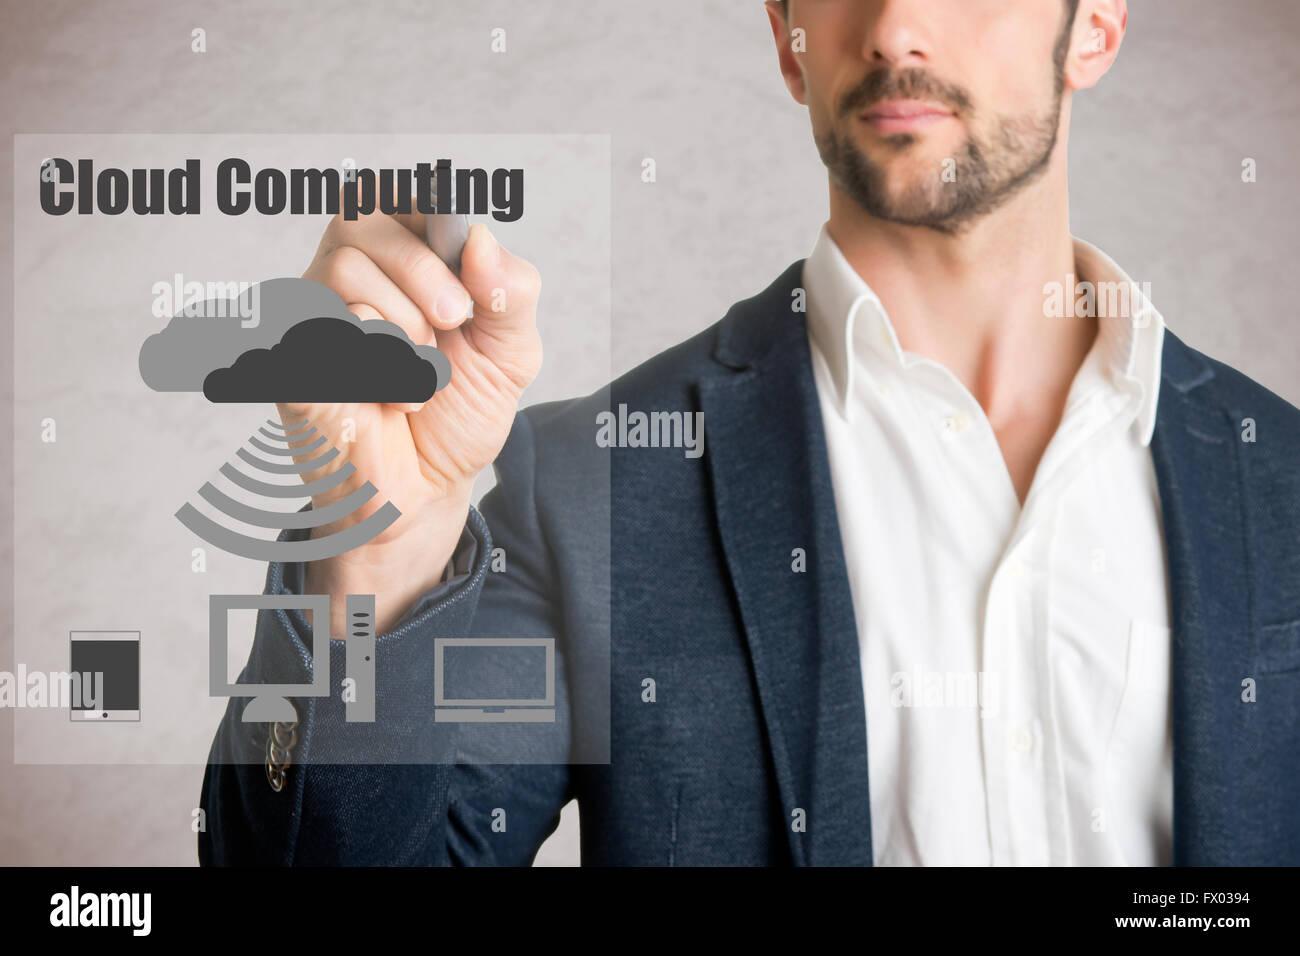 Dessin homme computer concept cloud sur verre, isolé en gris Banque D'Images